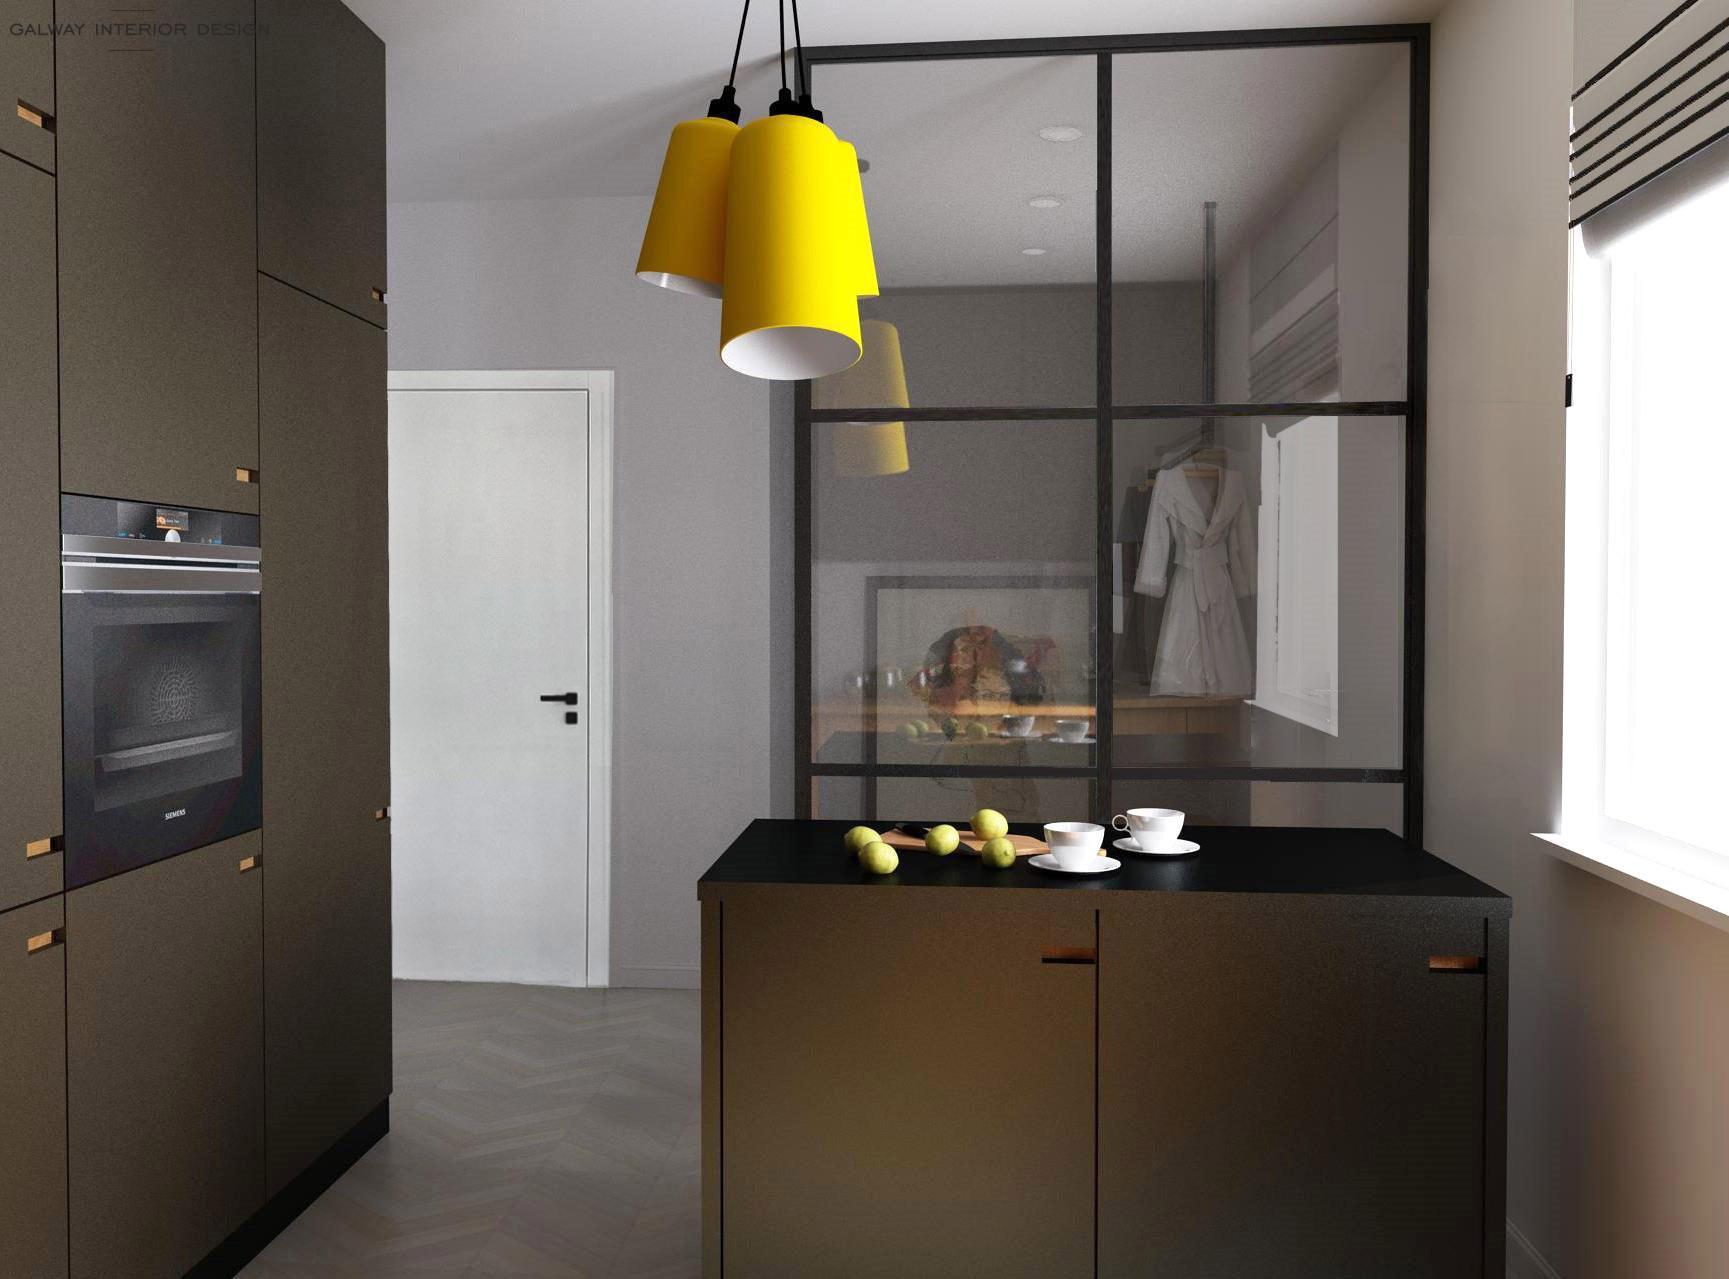 Galway Interior Design Kitchen 3D 3